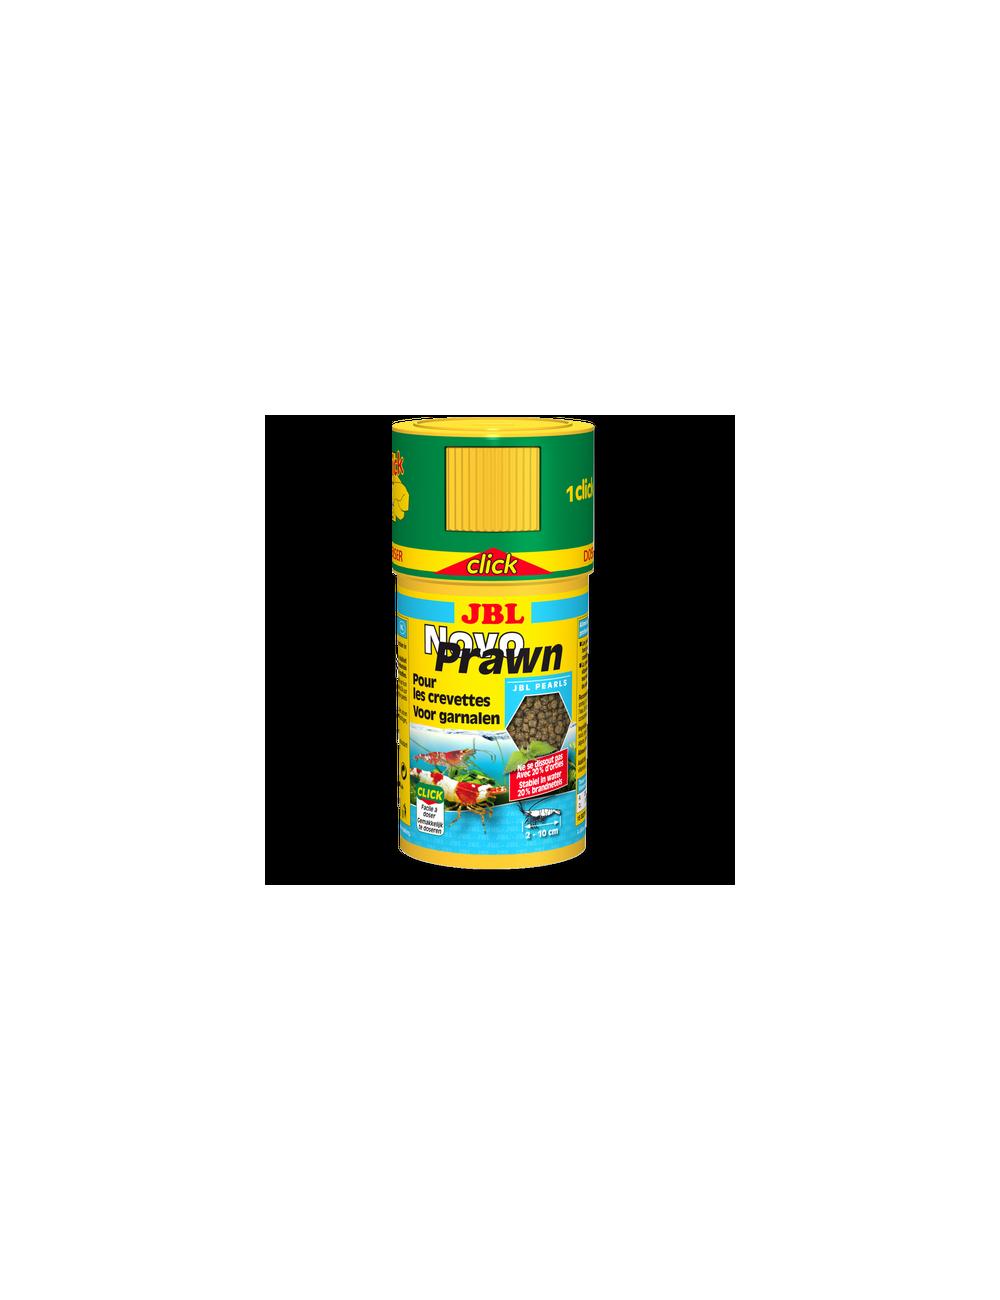 JBL - NovoPrawn CLICK - 100 ml -Aliment de base en granulés pour crevettes